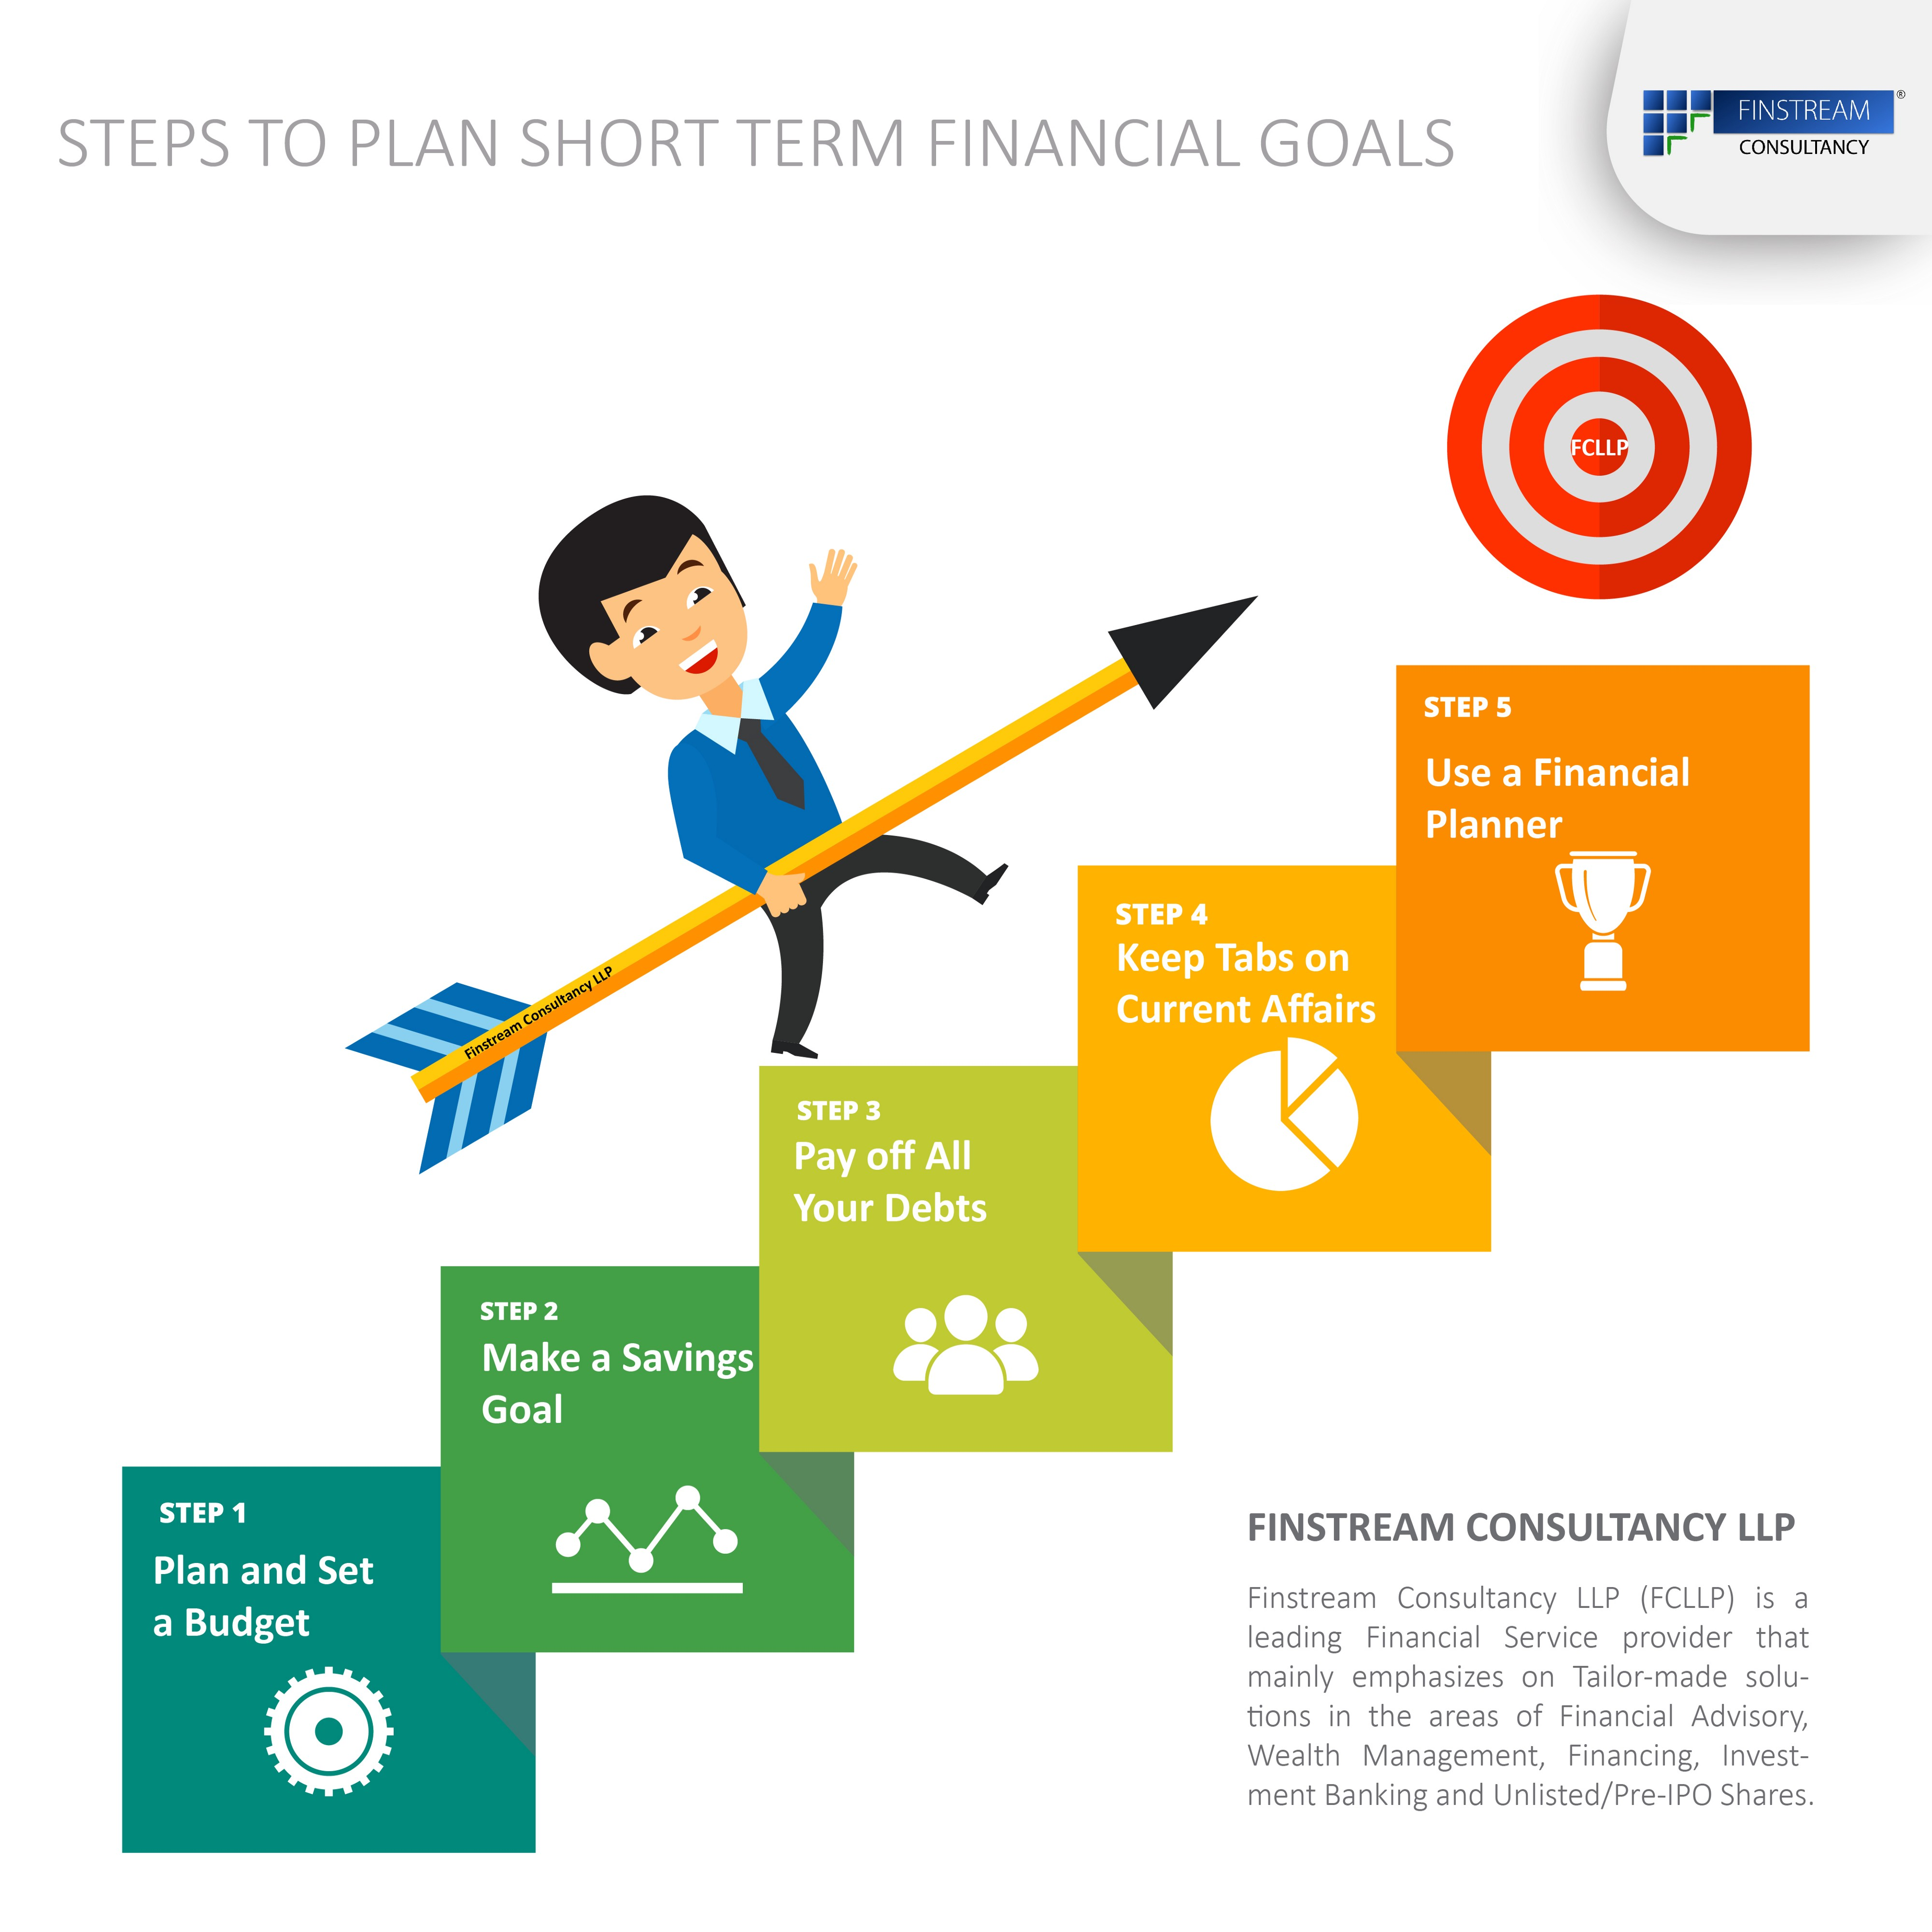 5 Steps To Plan Short Term Financial Goals